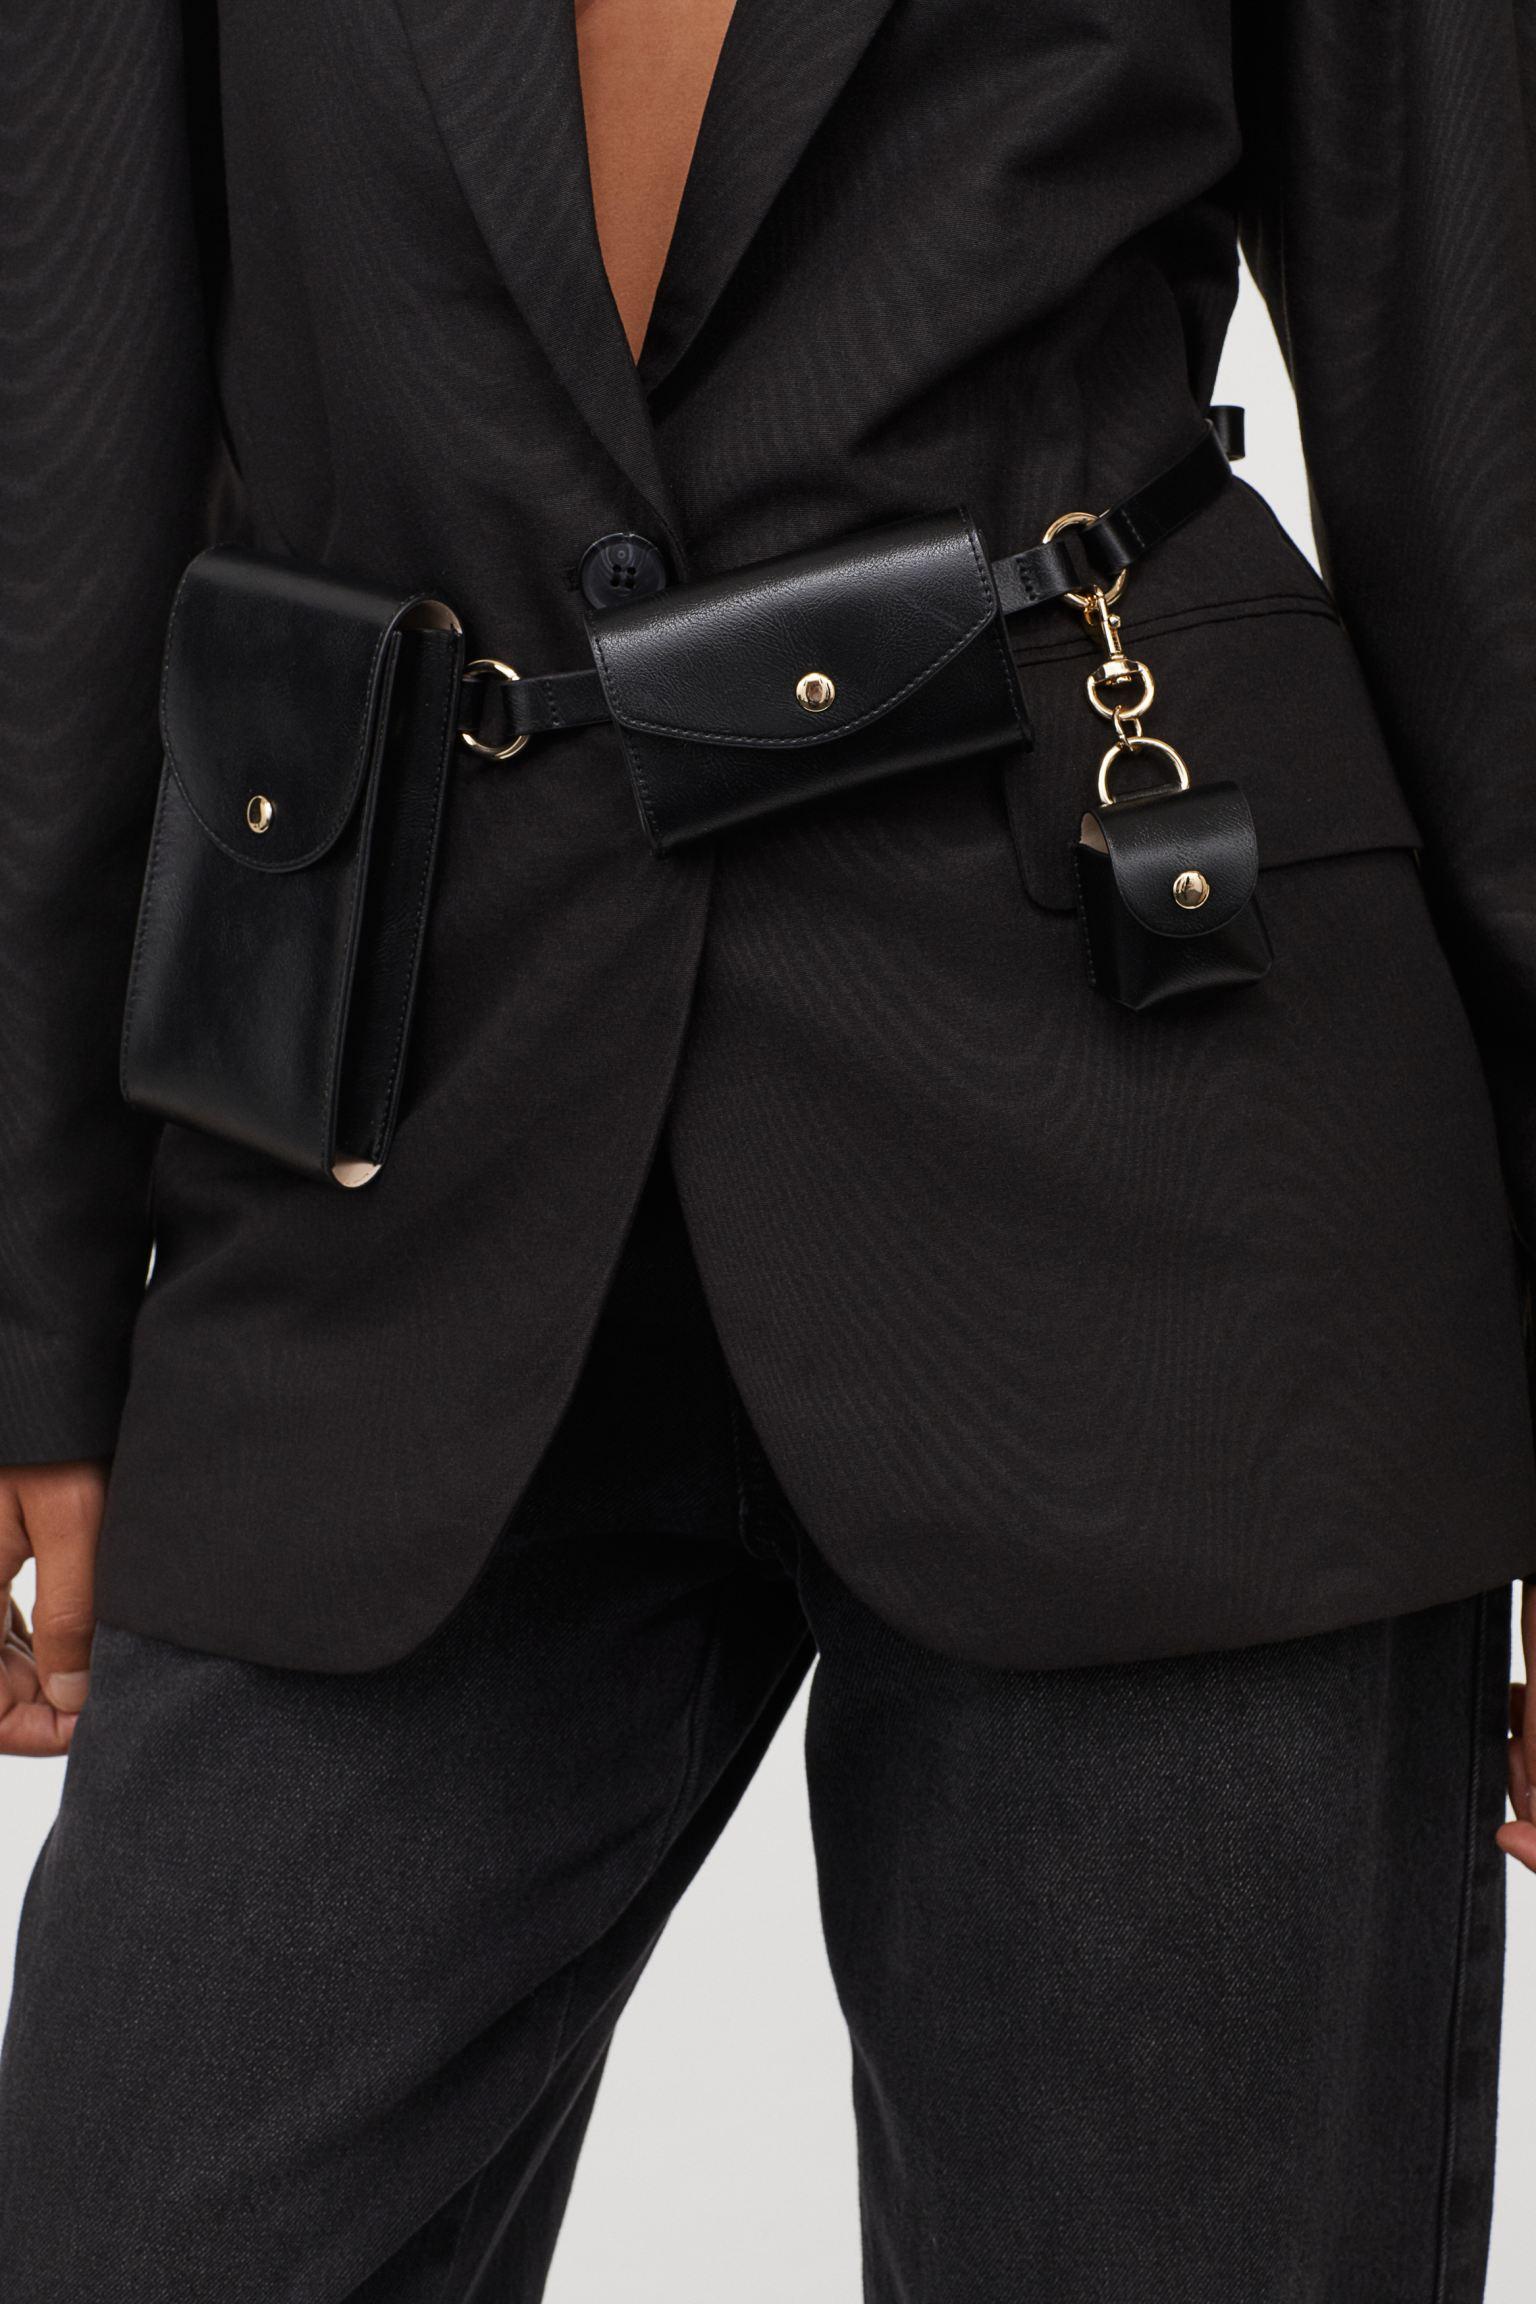 Cinturón con carteras y bolsillos variados